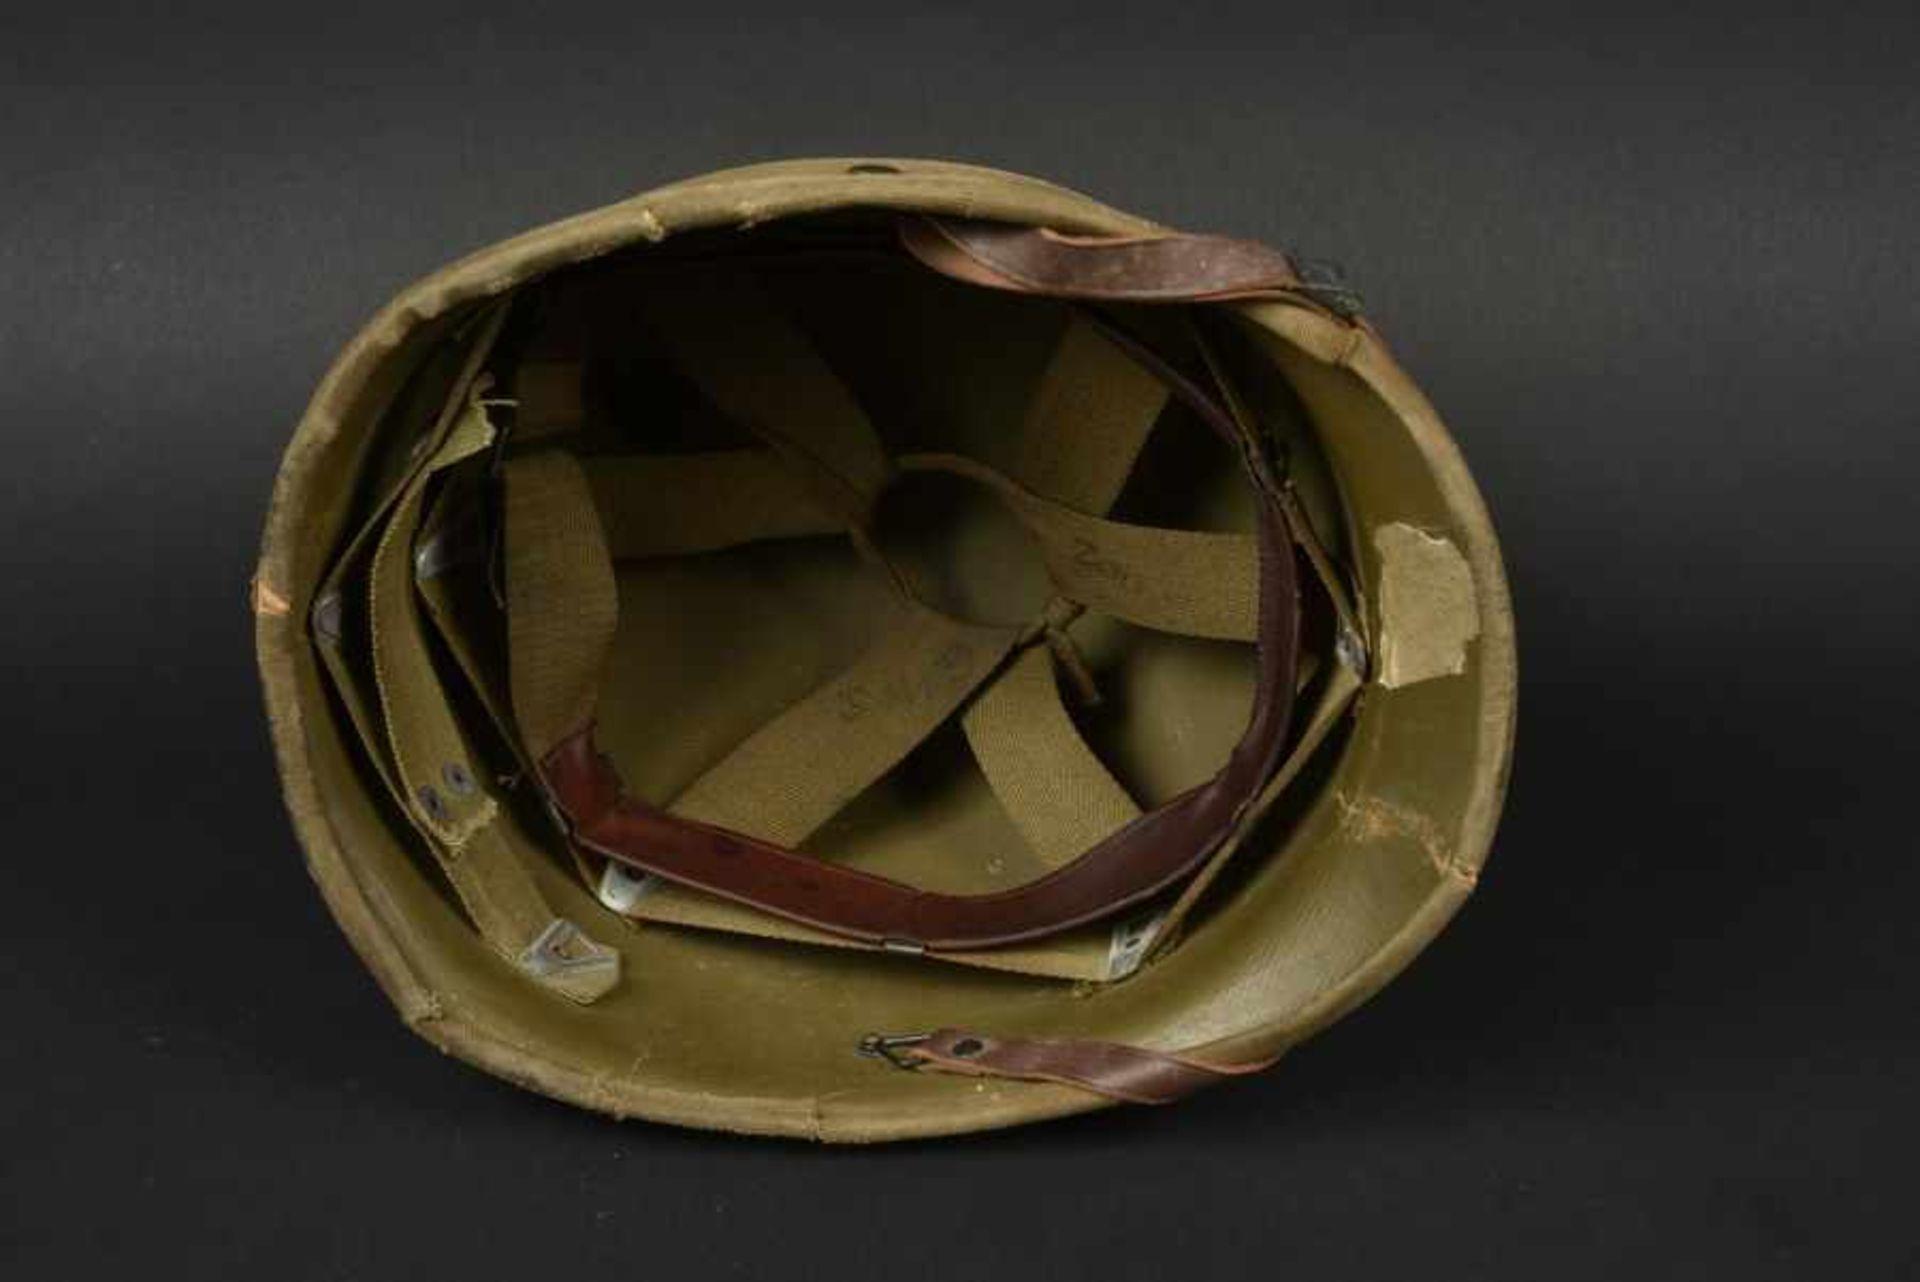 Liner Hawley de capitaine US Hawley Helmet Liner, US CaptainLiner carton, fabrication Hawley. - Bild 3 aus 4